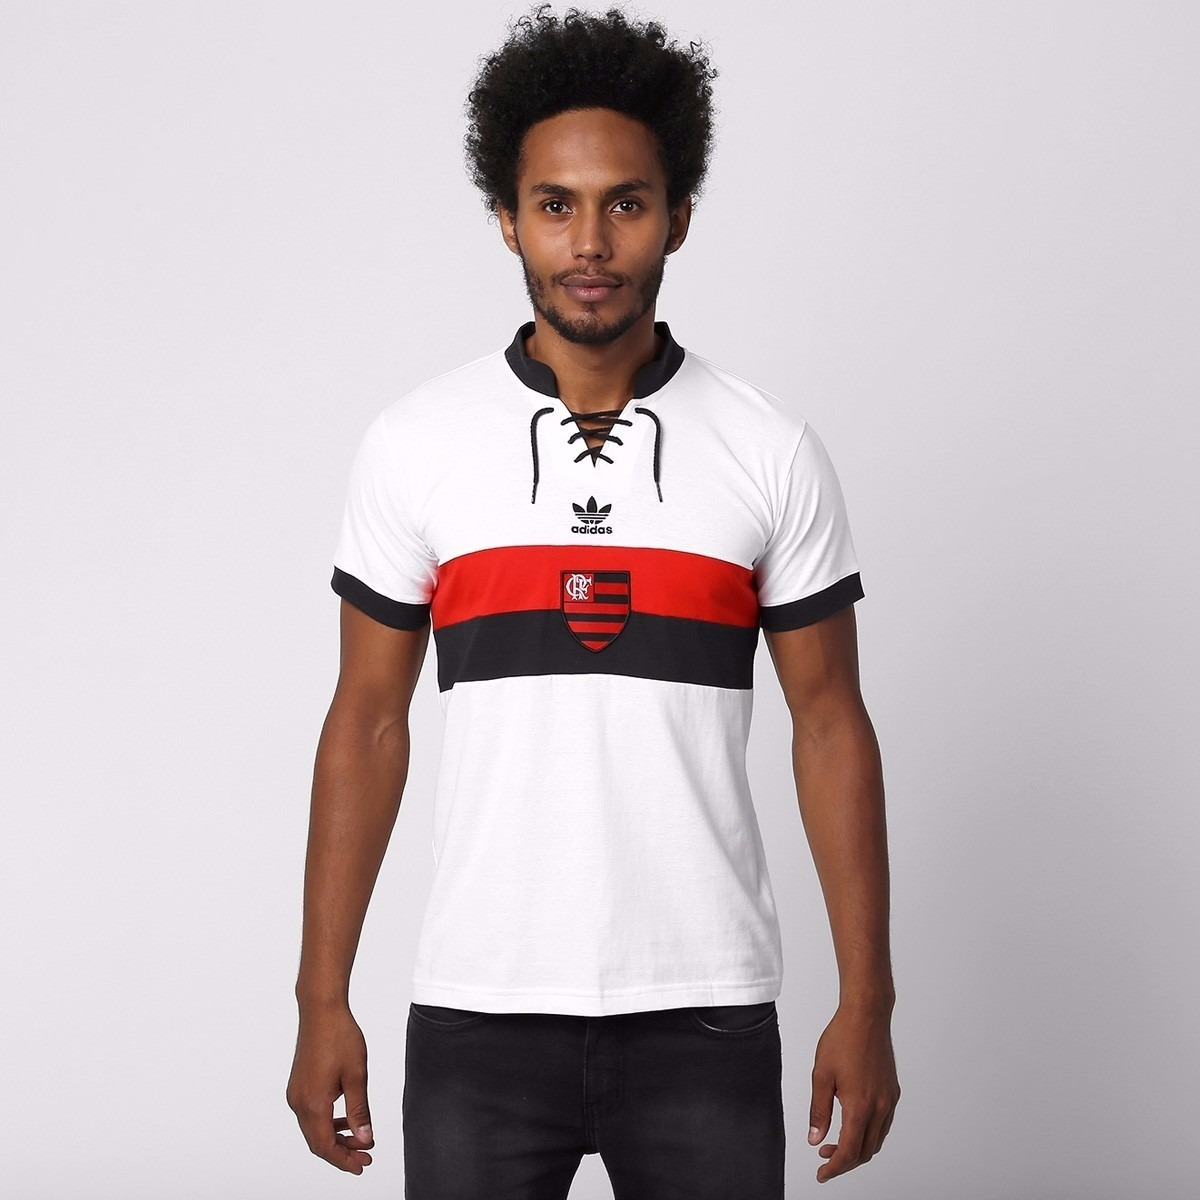 bfdd8b70a6 camisa flamengo adidas retrô branca original 2014   1938. Carregando zoom.